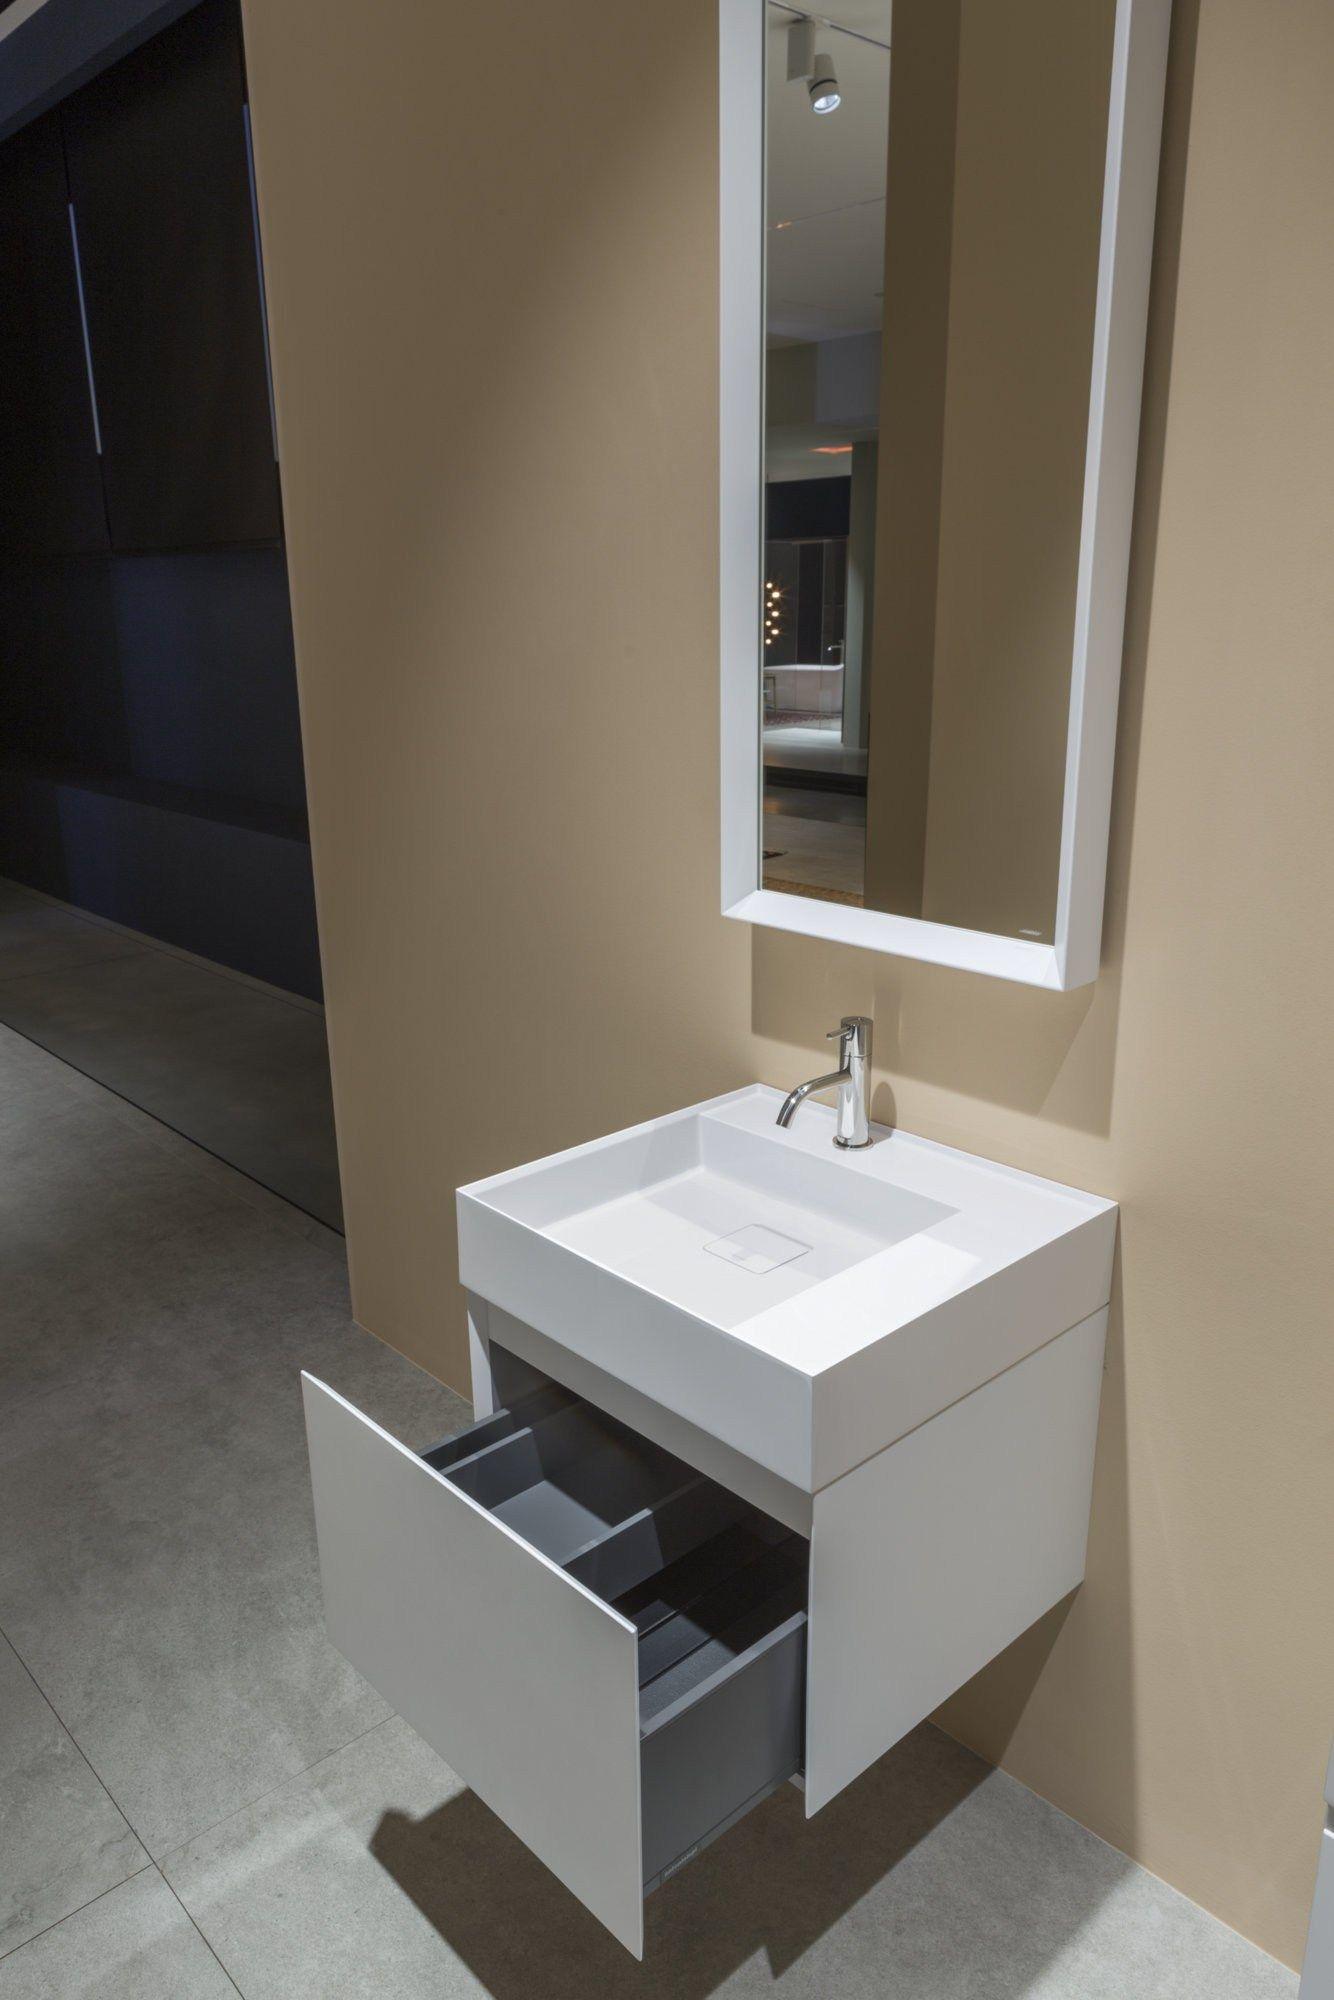 Graffio arredo bagno completo by antonio lupi design for Mobile arredo bagno completo